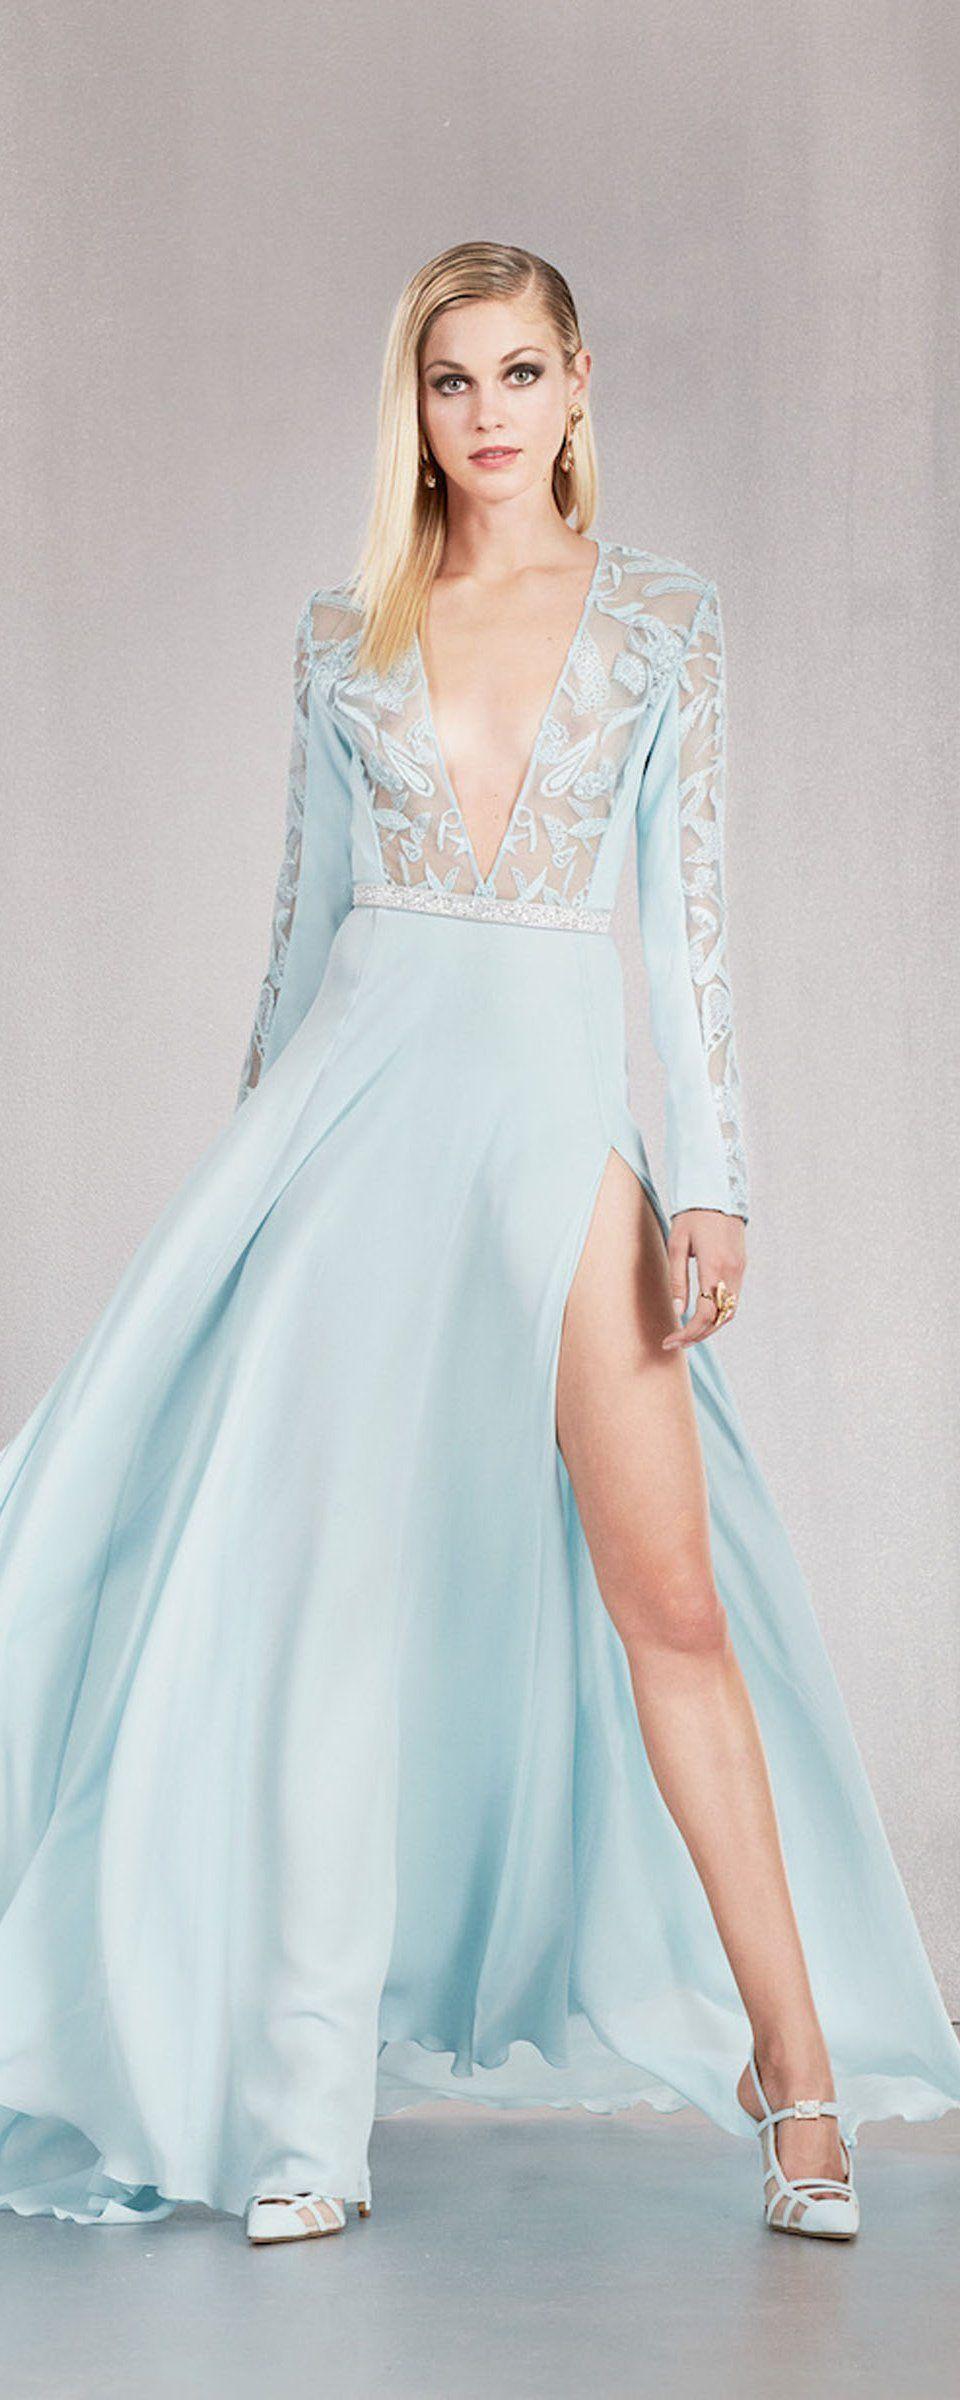 Pretty Ready To Wear Bridal Gowns Gallery - Wedding Ideas ...